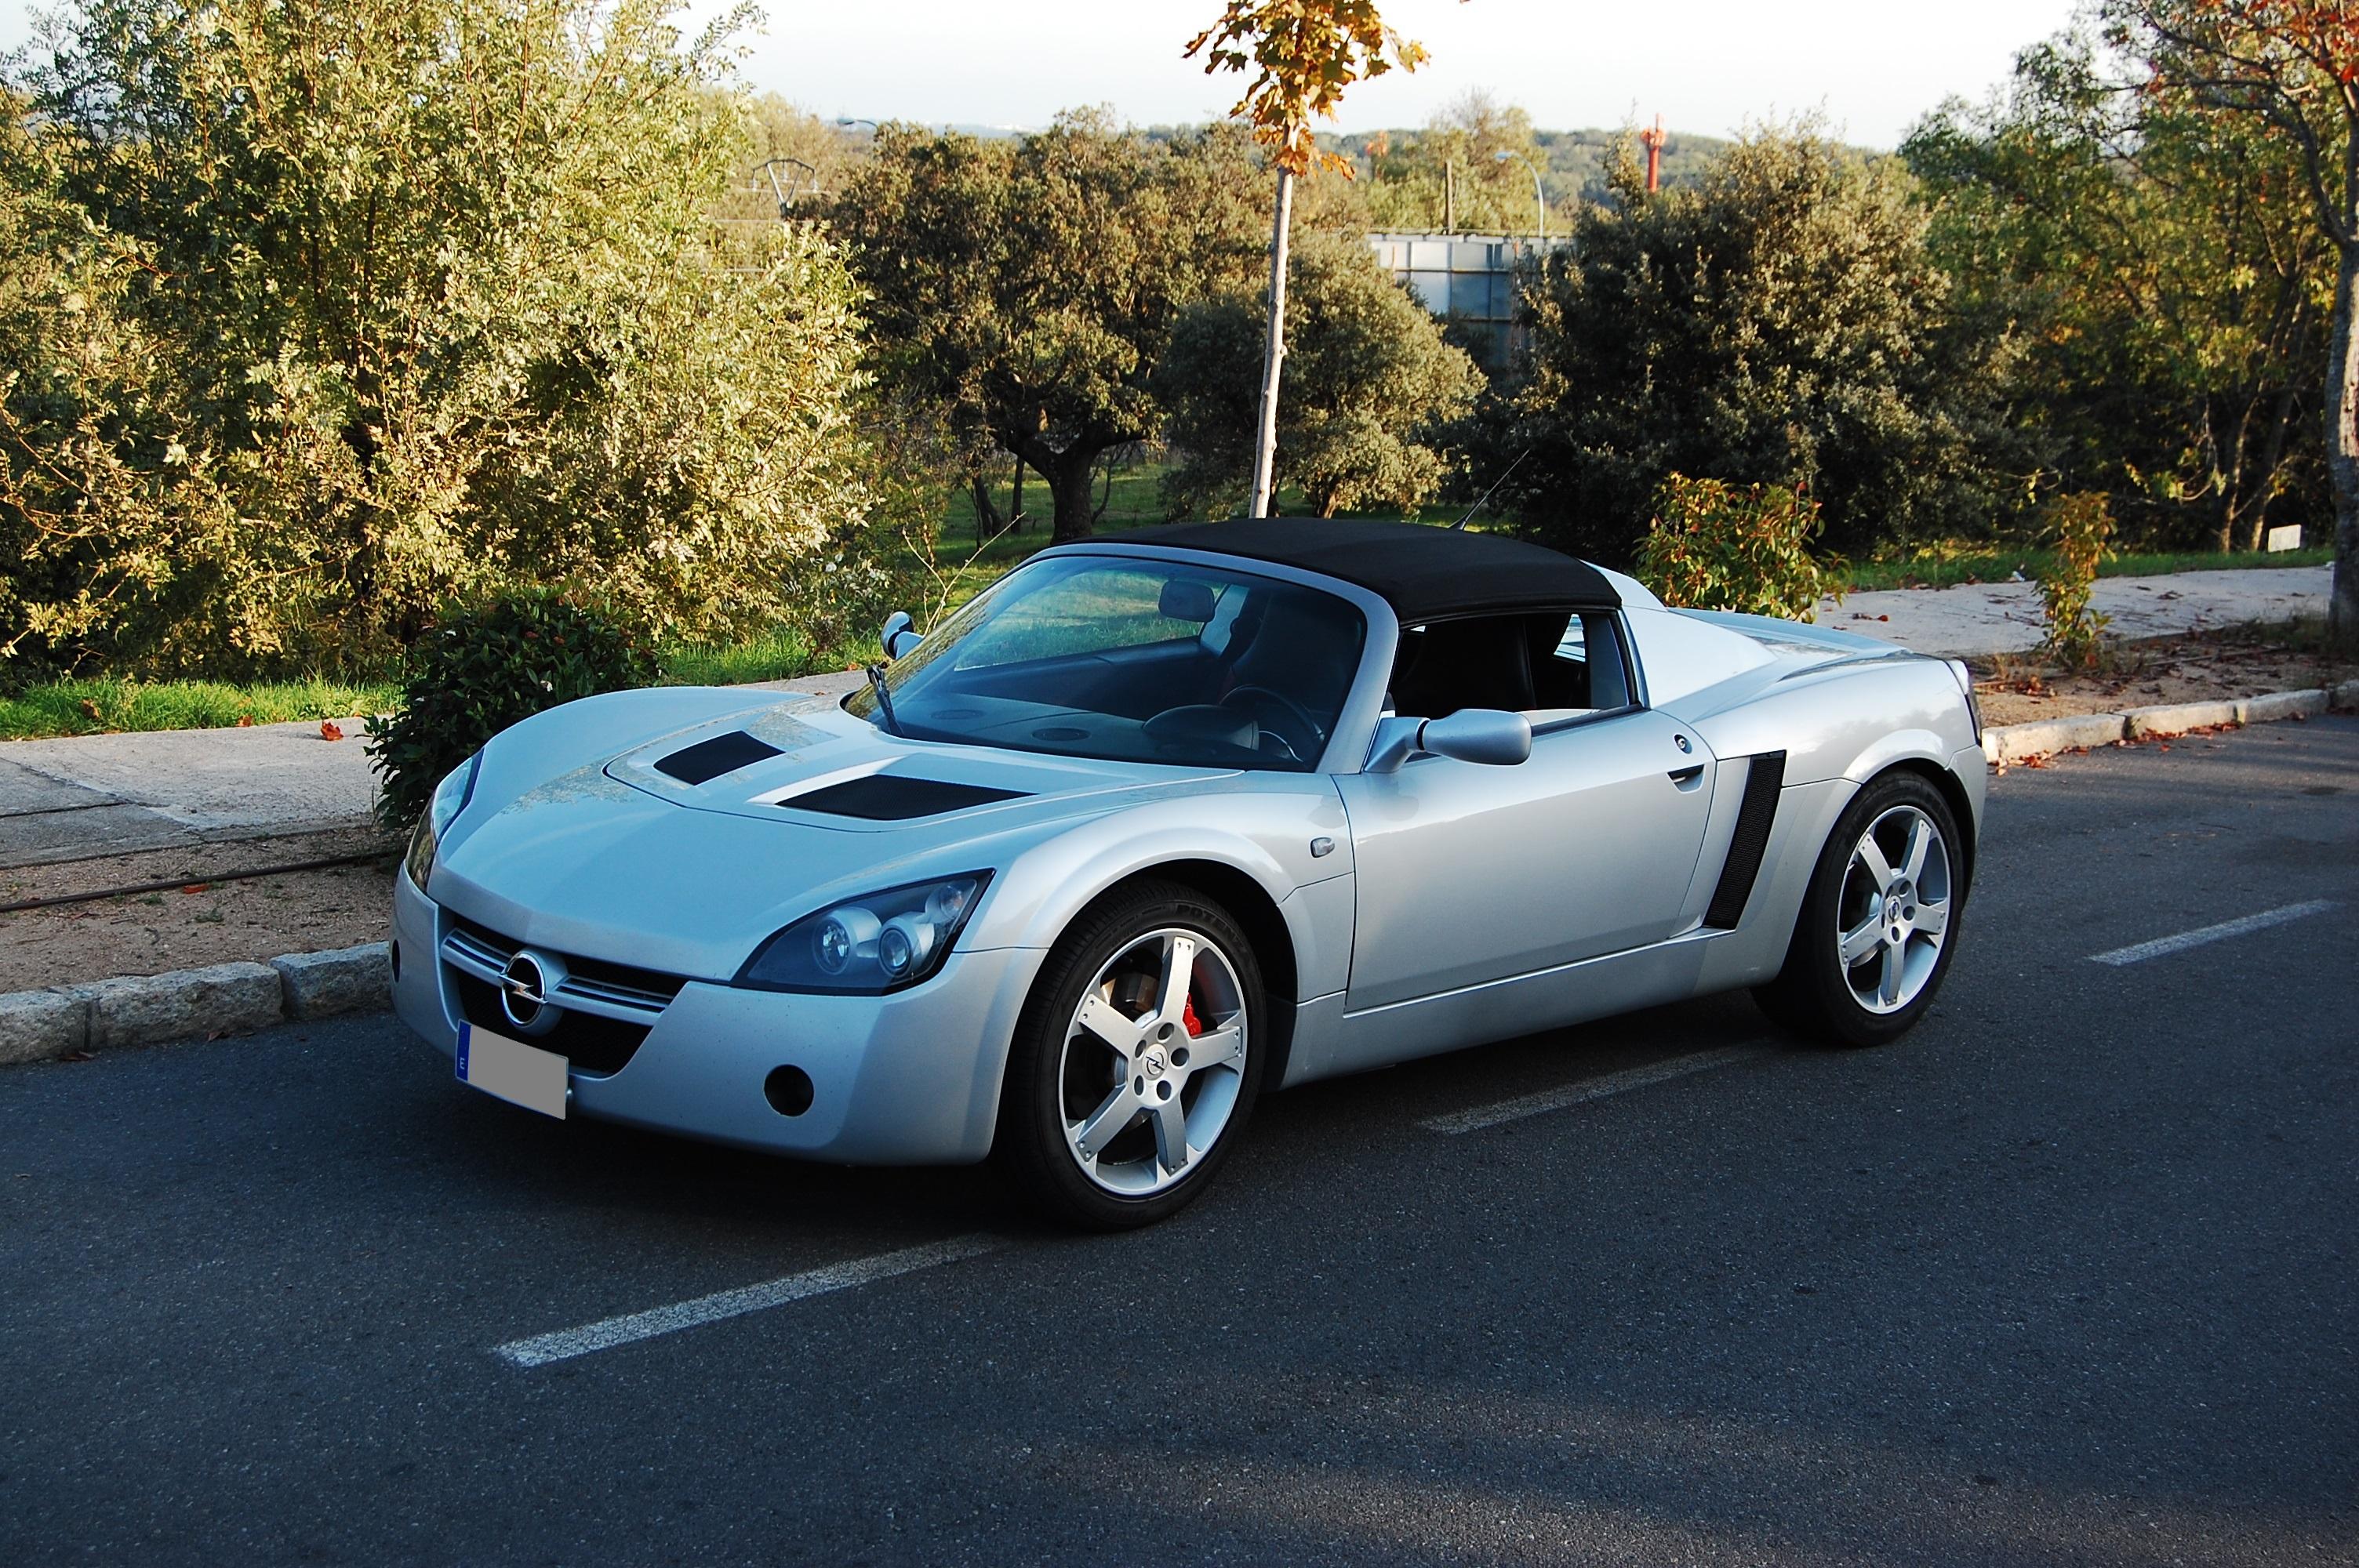 Opel Speedster, conducir y disfrutar, todo en uno